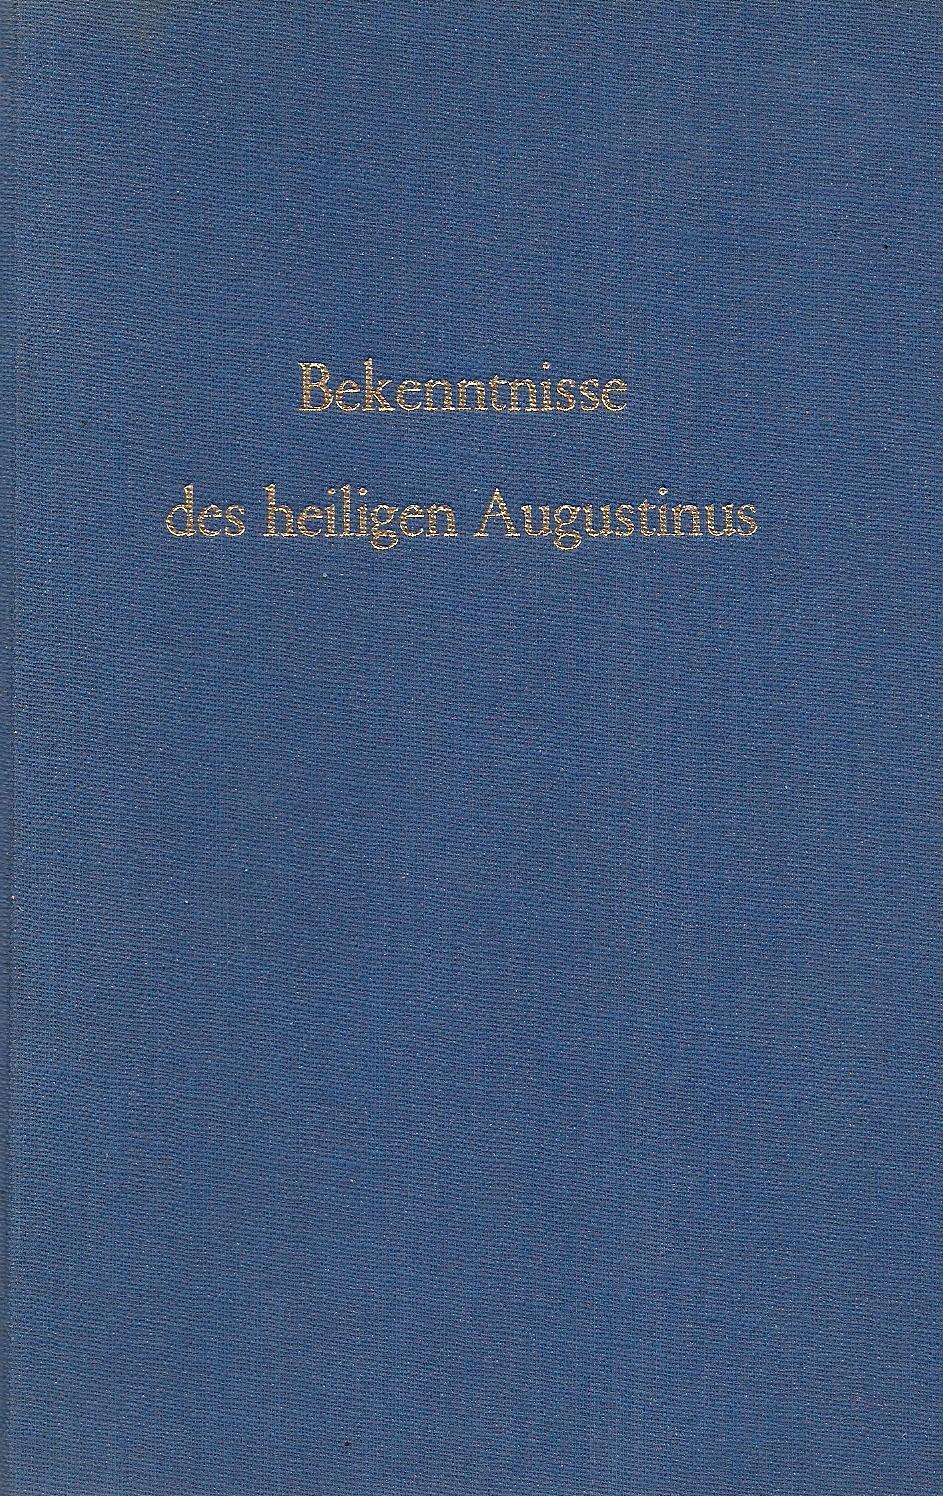 bekenntnisse des augustinus